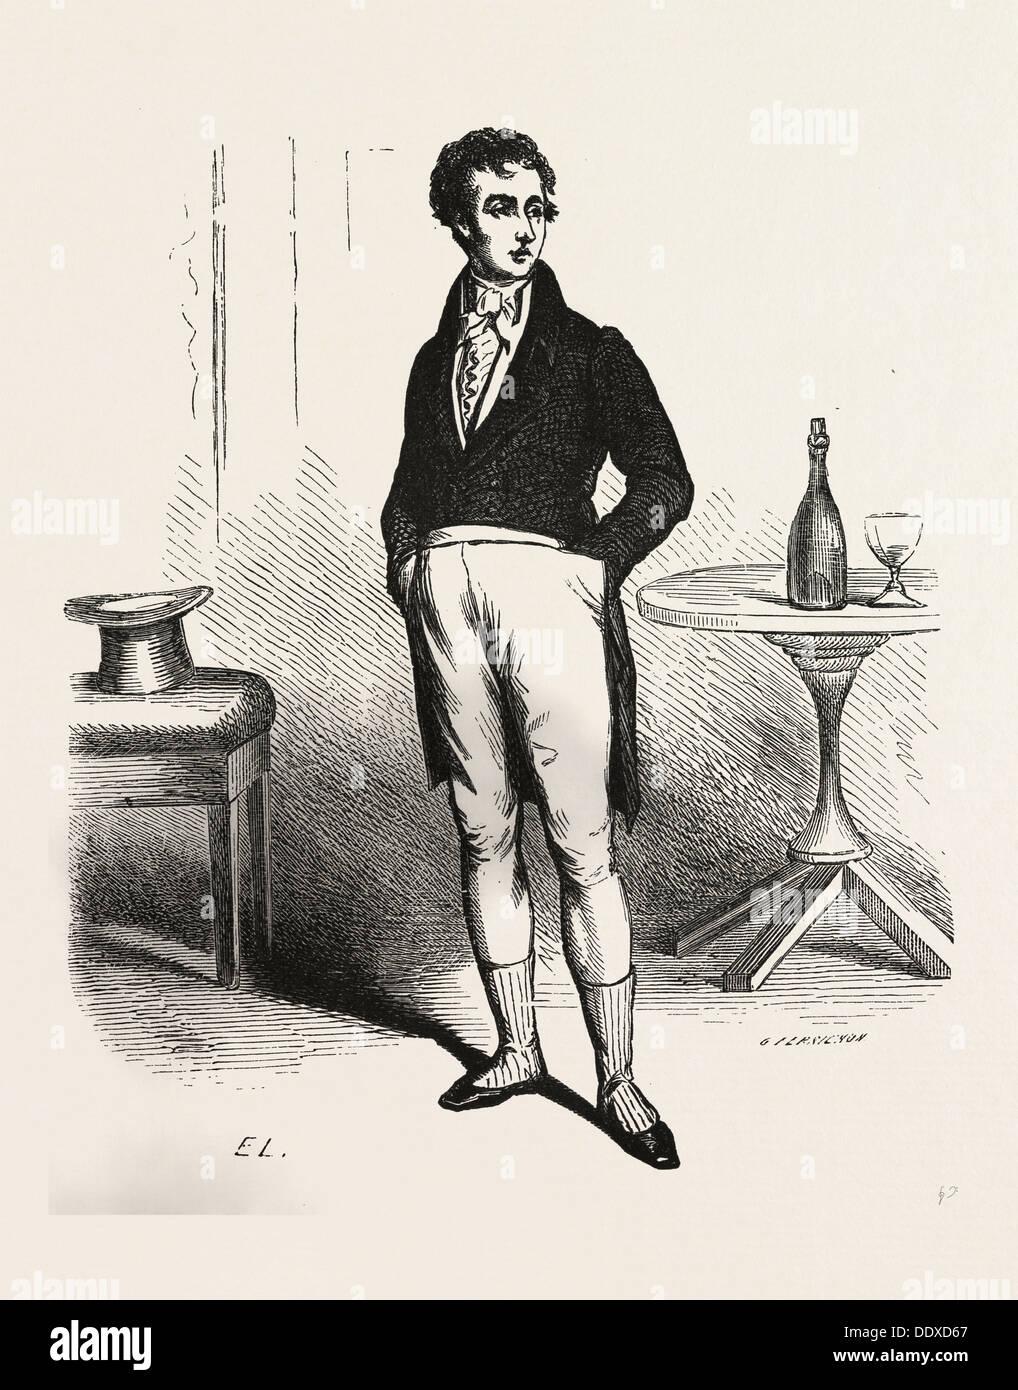 Francois Picaud, Alexandr Dumas, del siglo xix, liszt archive gourmet, botella, cristal, mesa, el hombre, sombrero Imagen De Stock